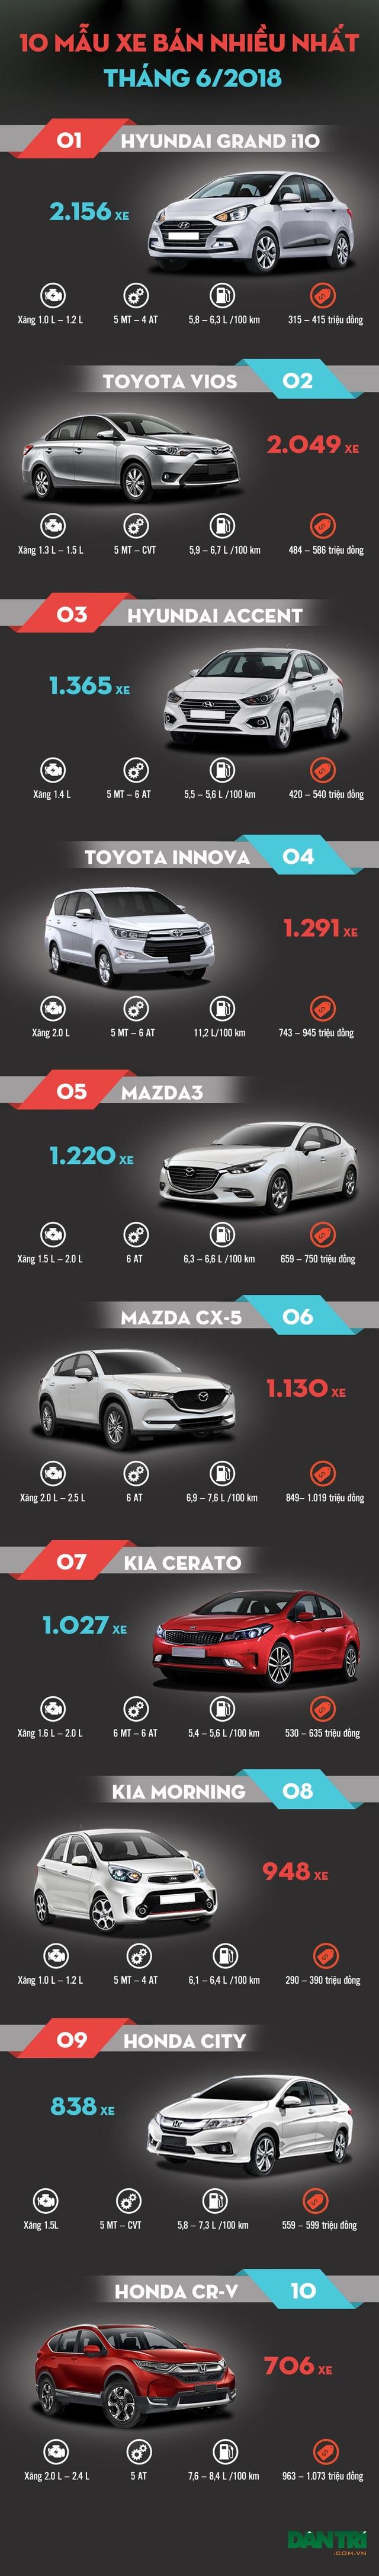 Hyundai Grand i10 vượt Toyota Vios trở thành xe đắt khách nhất Việt Nam - 2